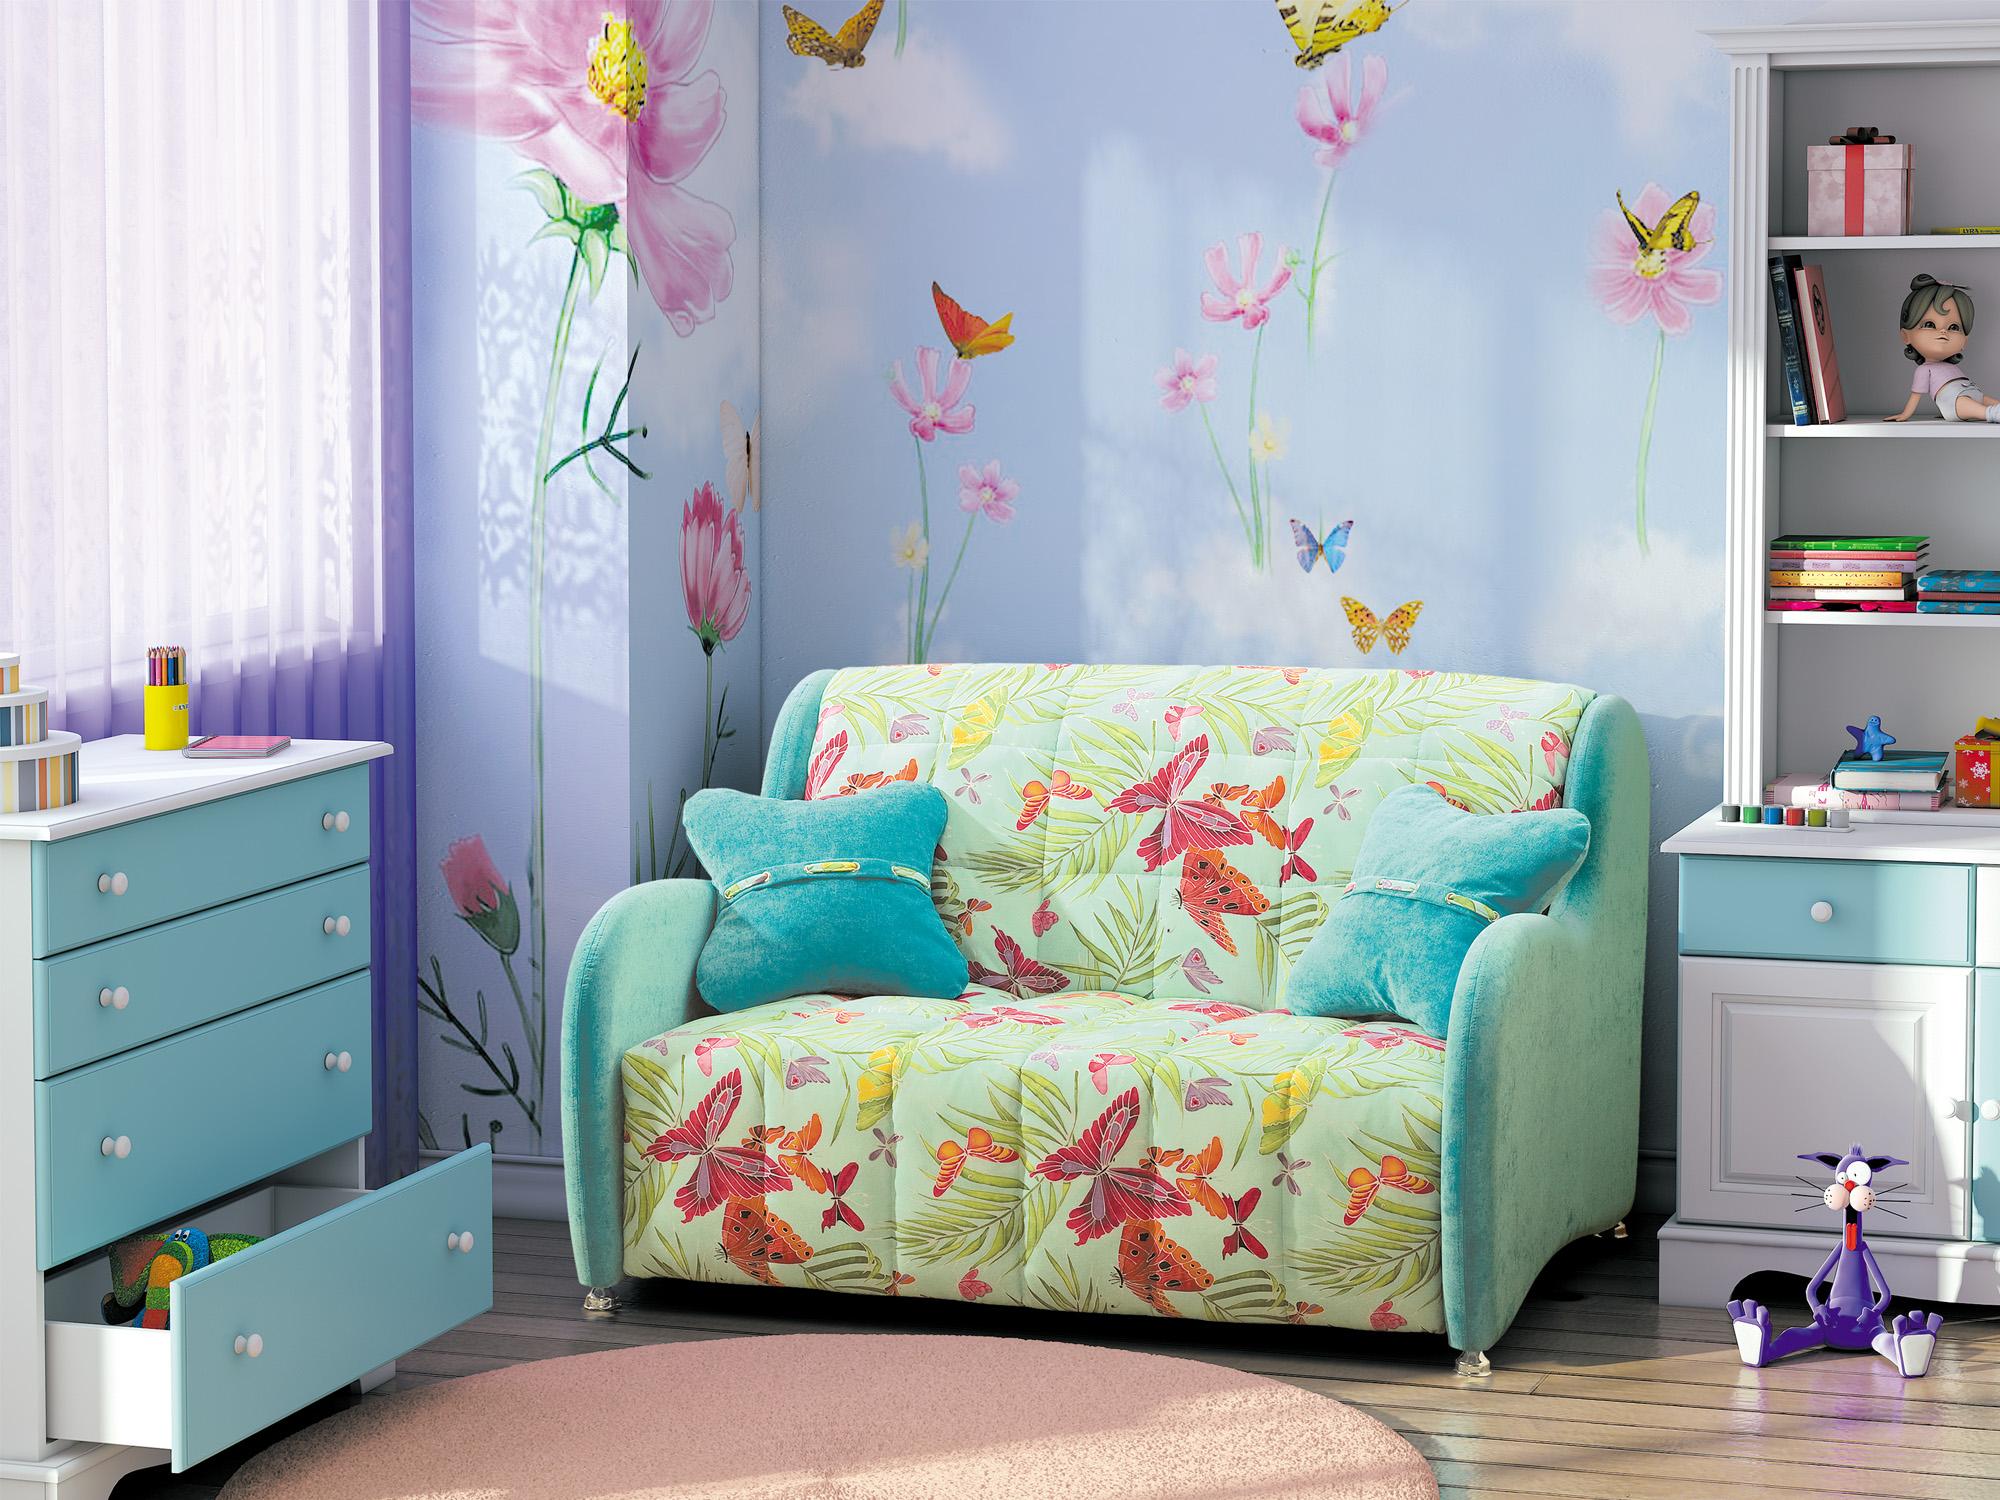 Диван для подростка с бабочками